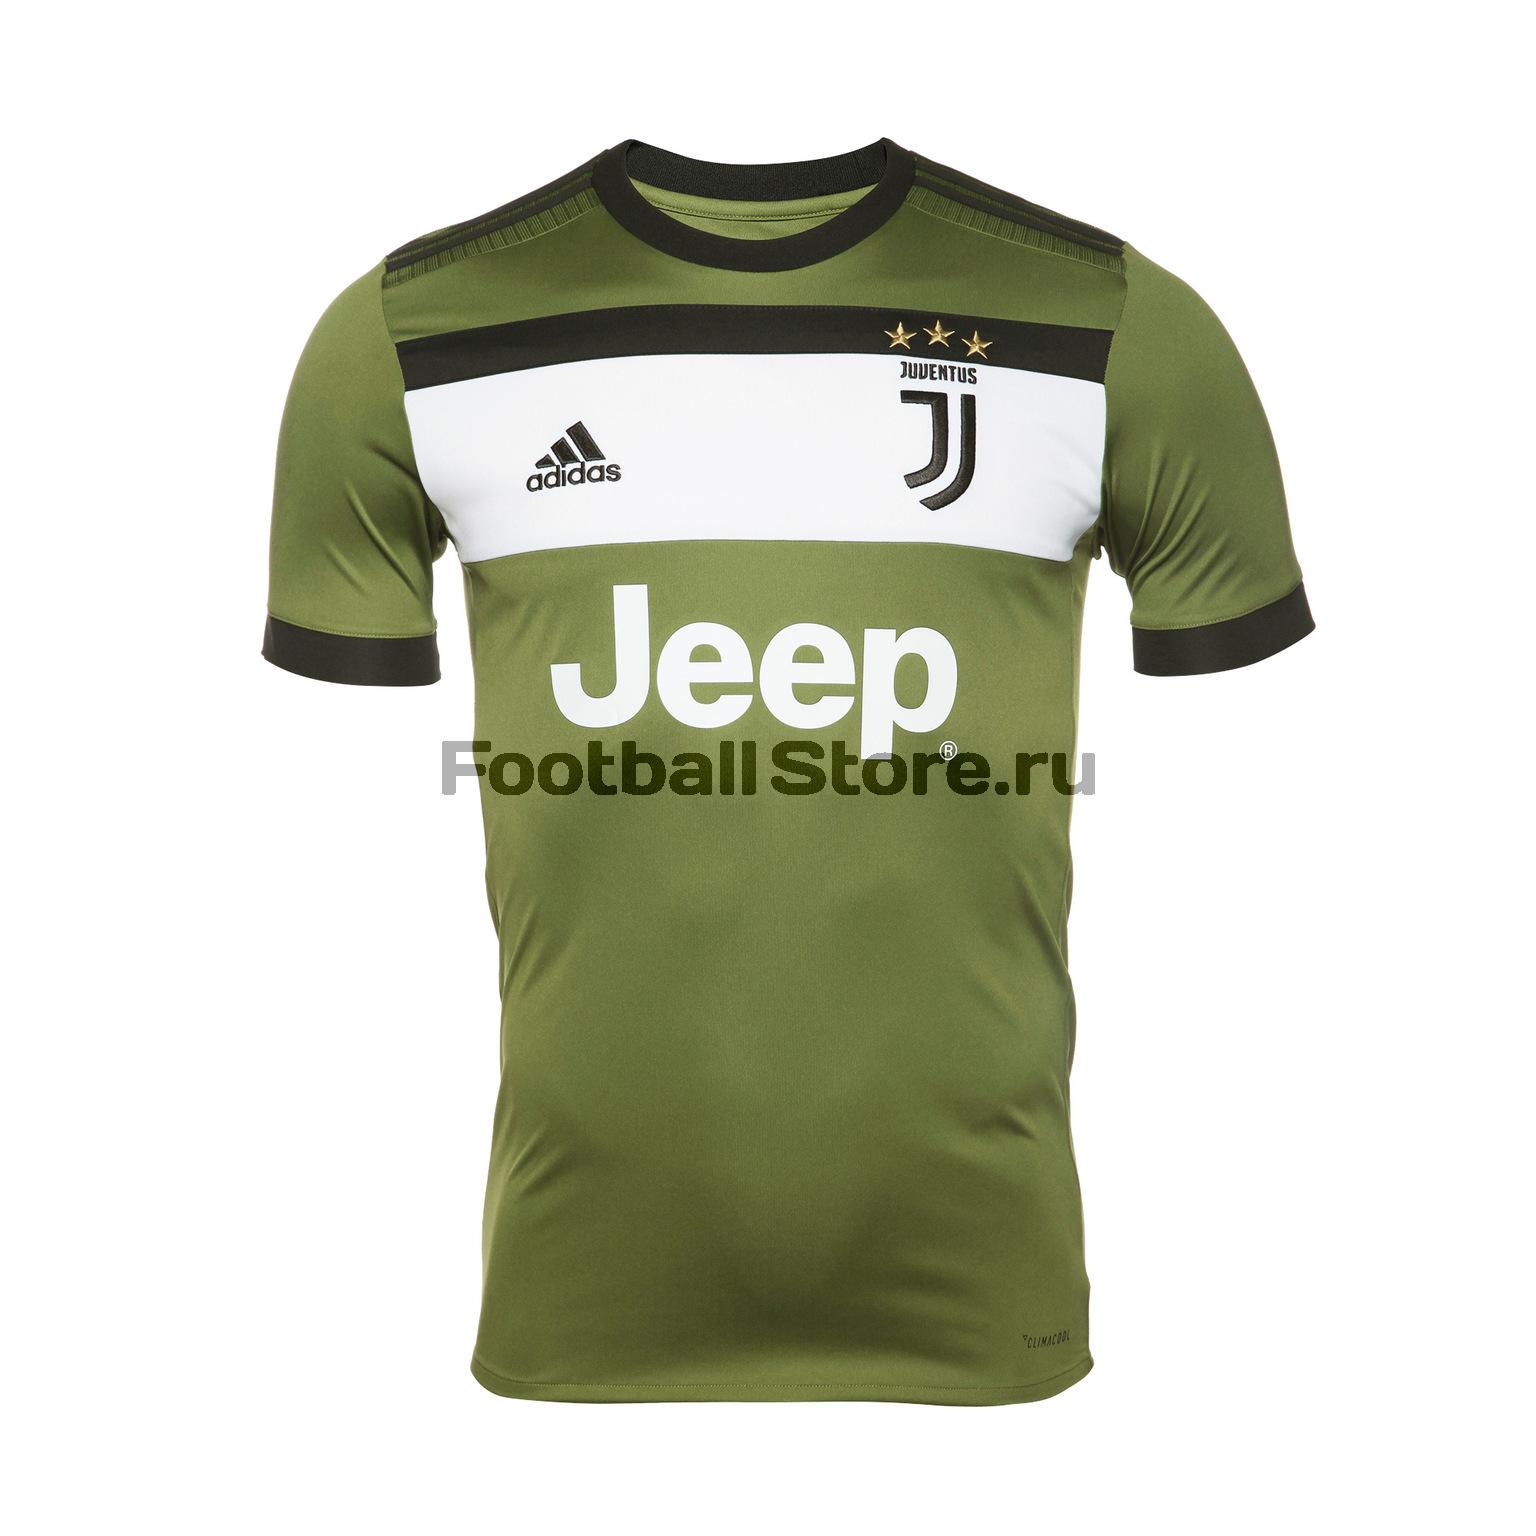 Футболка резервная игровая Adidas Juventus 2017/18 рюкзак adidas juventus 2018 19